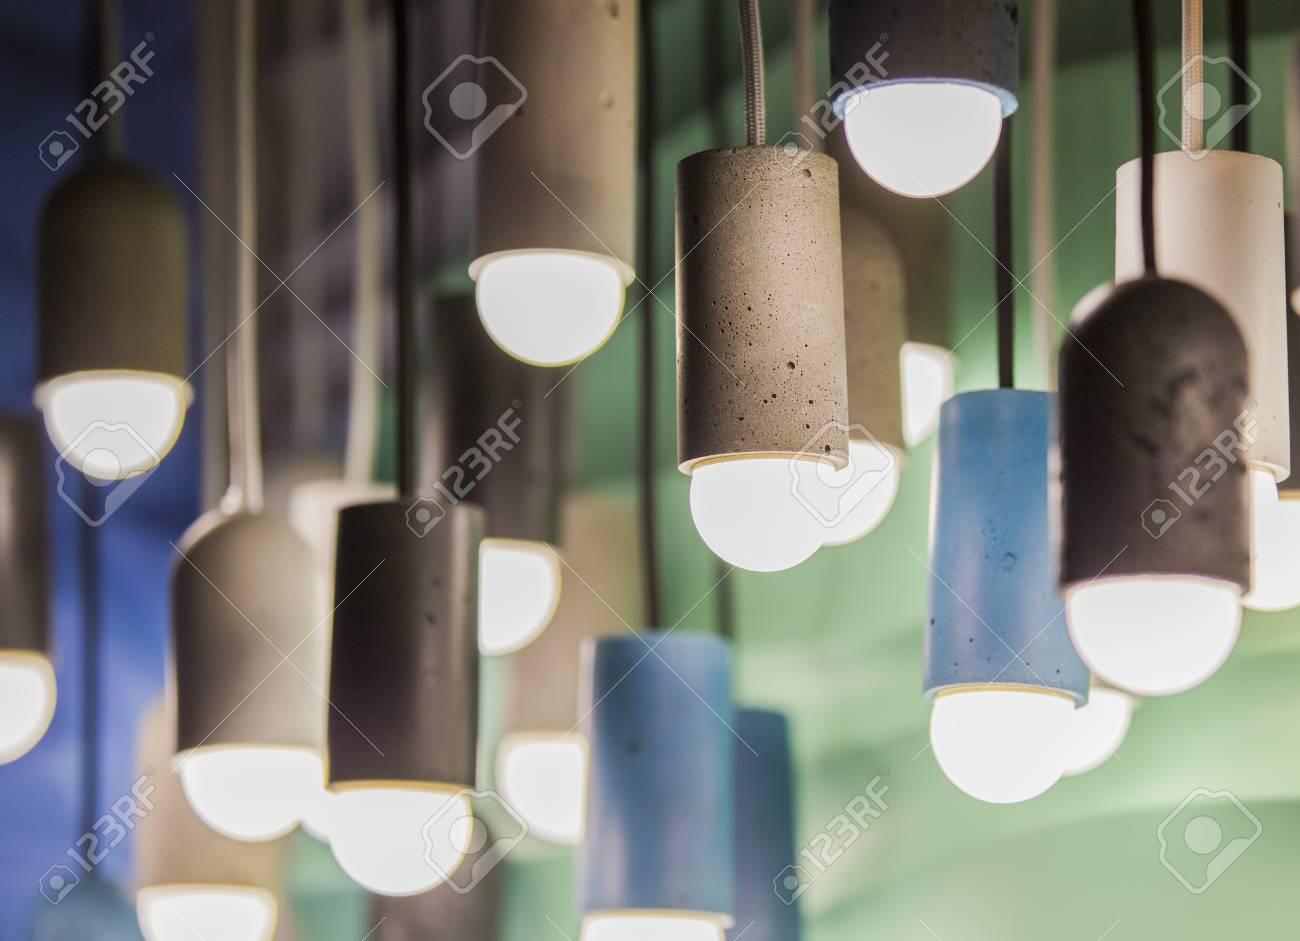 Plafoniere E Lampadari Moderni : Lampadine moderne in un caffè. plafoniere a soffitto. lampadario dal